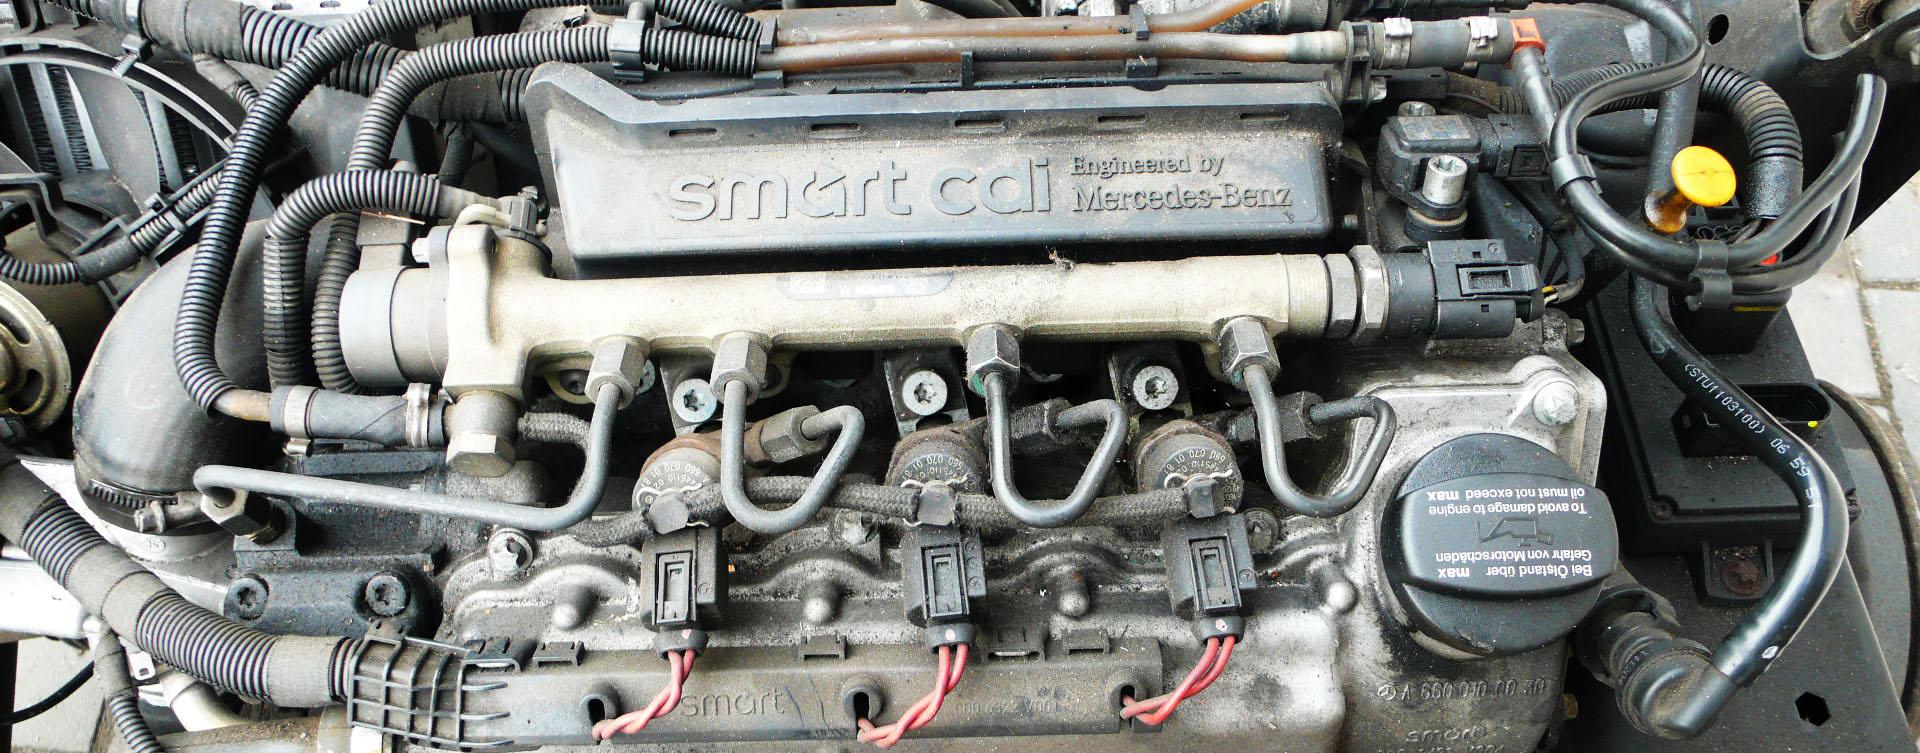 smart fortwo 450 cdi diesel blokk motor kiszerelése útmutató leírás